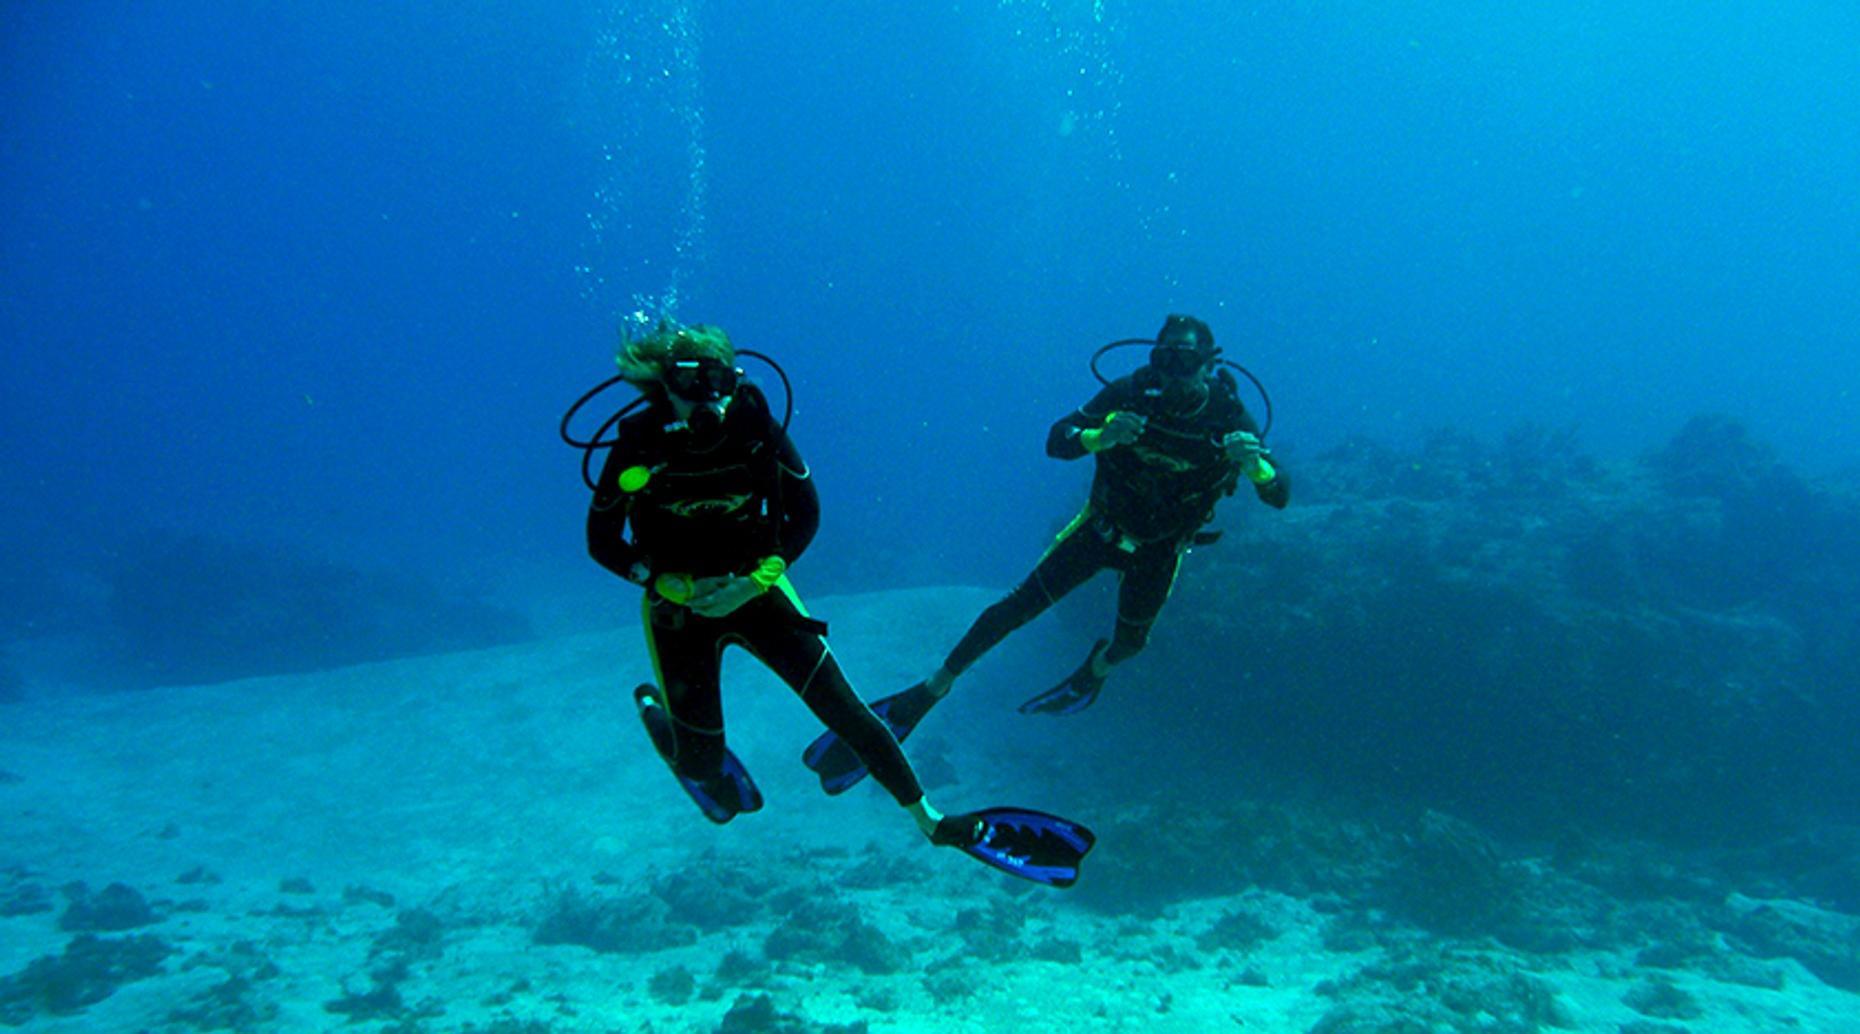 Castor Wreck Scuba Diving in Boynton Beach